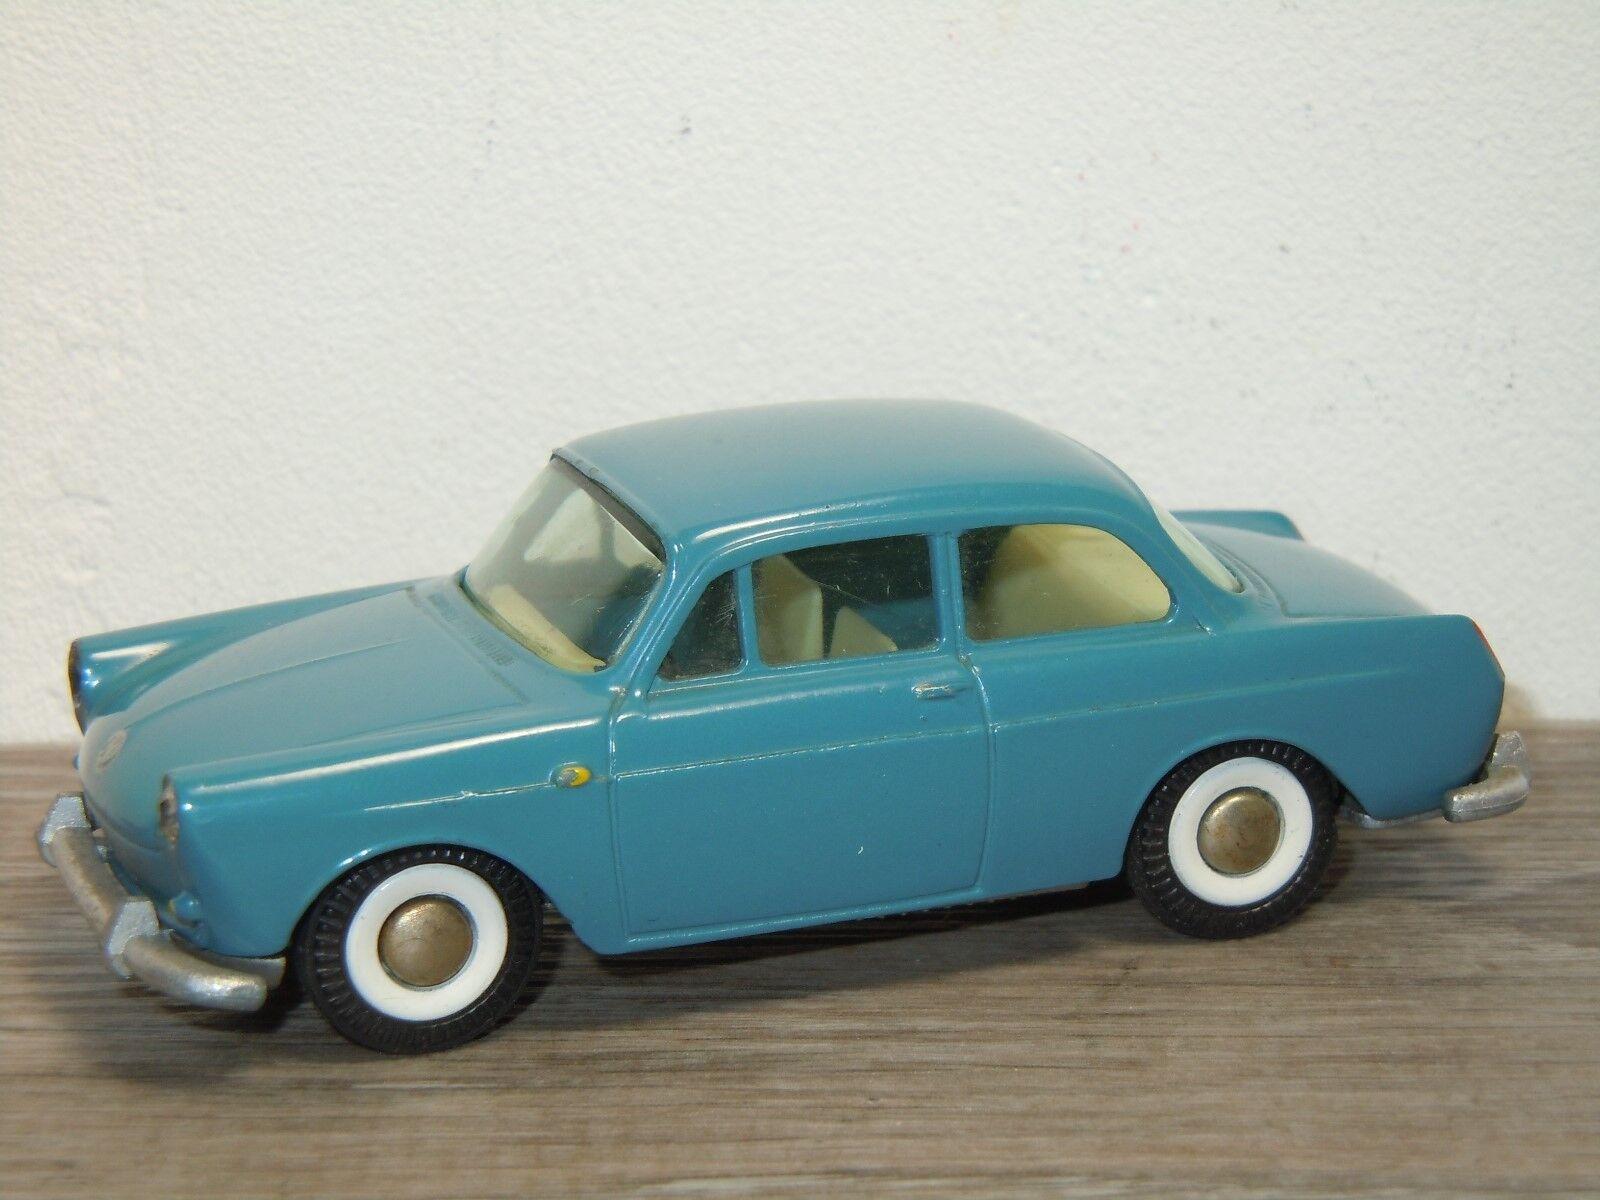 VW Volkswagen 1500 - Tekno 828 Denmark 32547